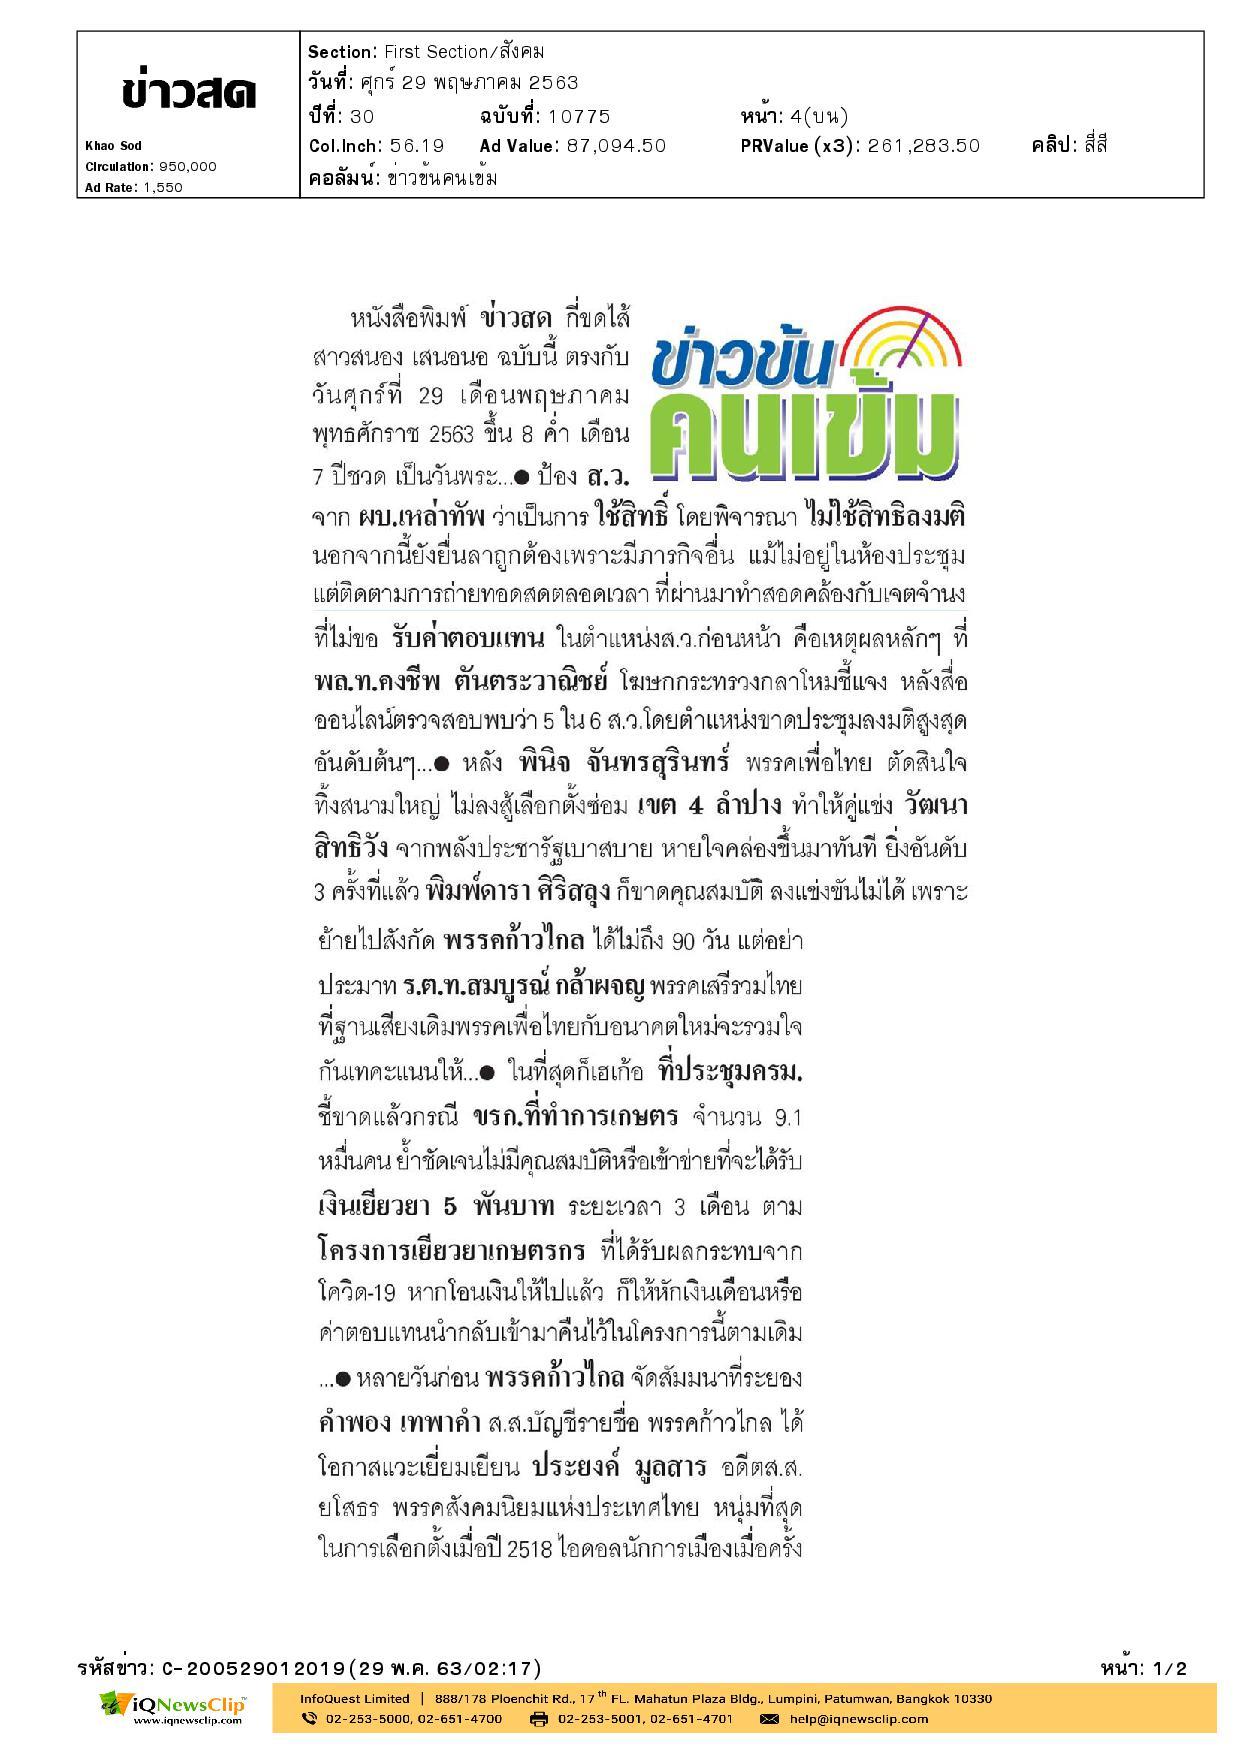 ไทยพาณิชย์รวมใจไทยให้โลหิตฝ่าวิกฤติโควิด-19